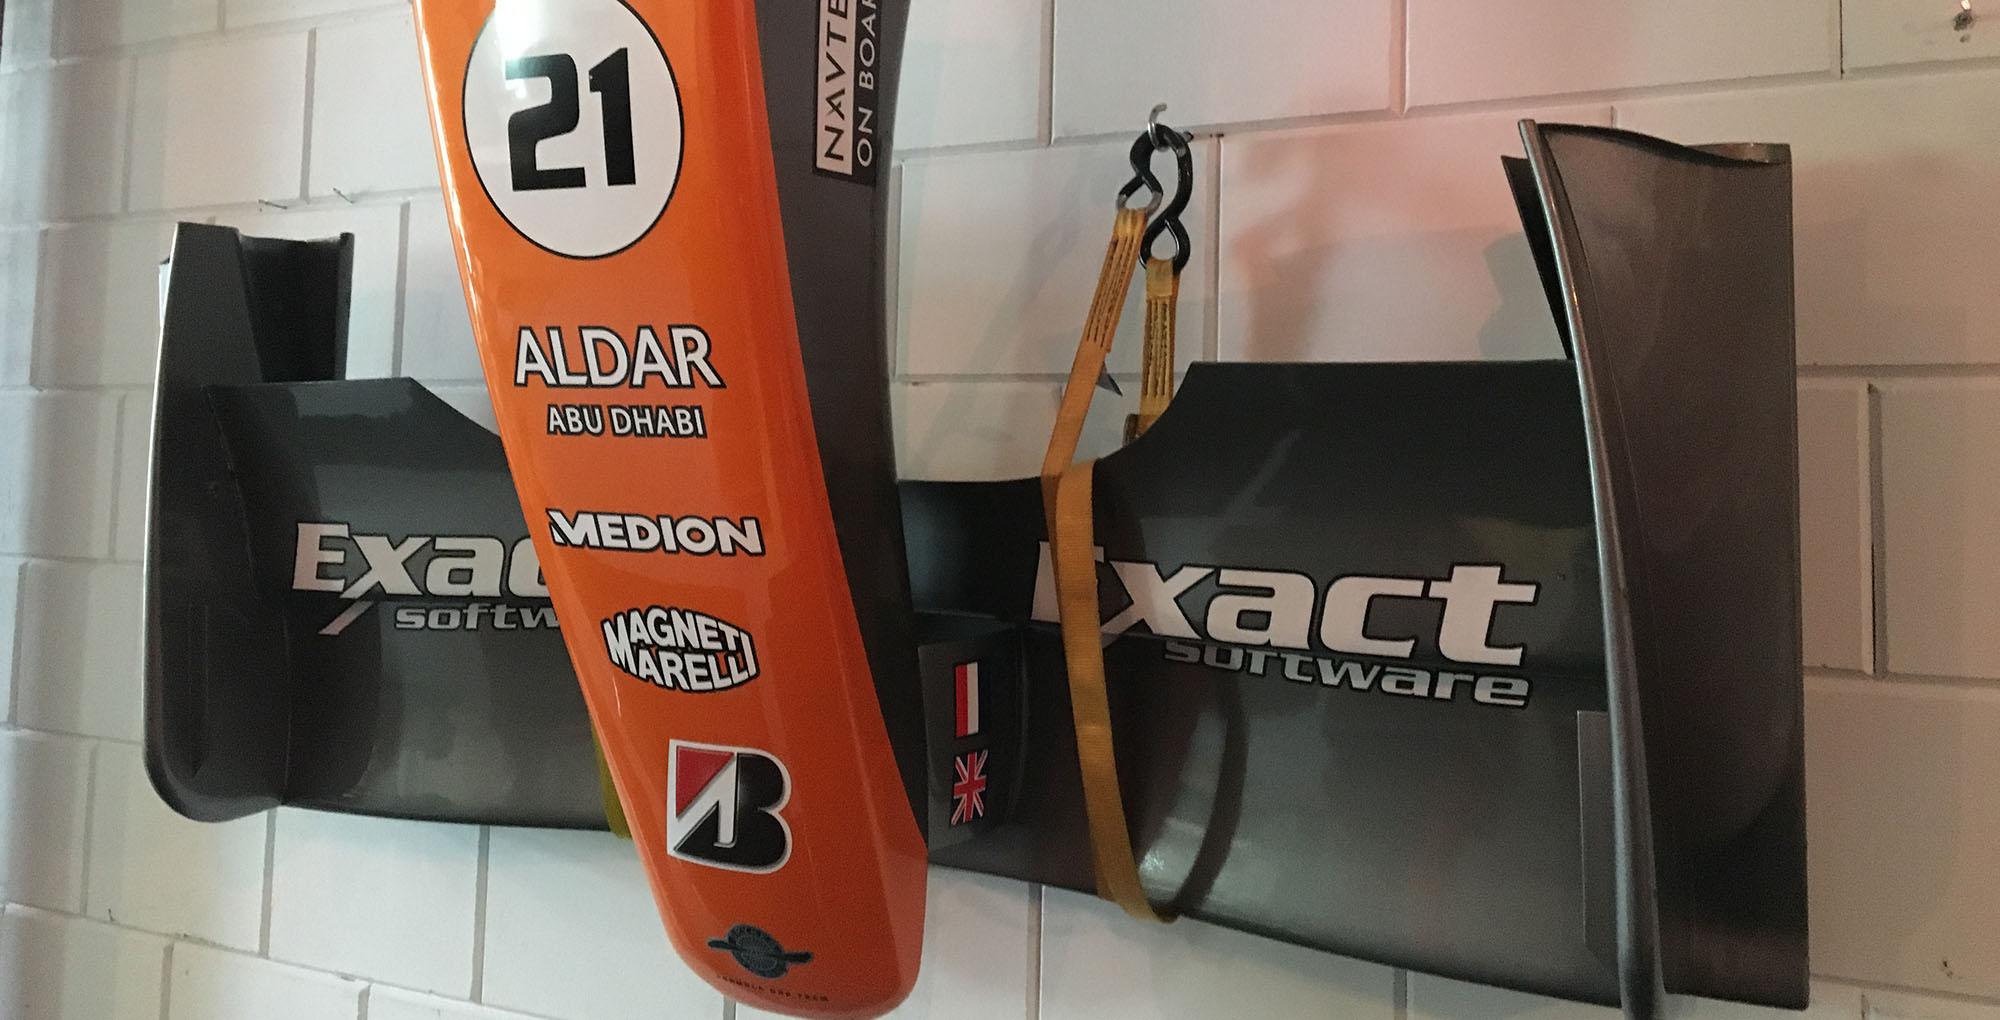 F1 race decoratie bernax race simulators